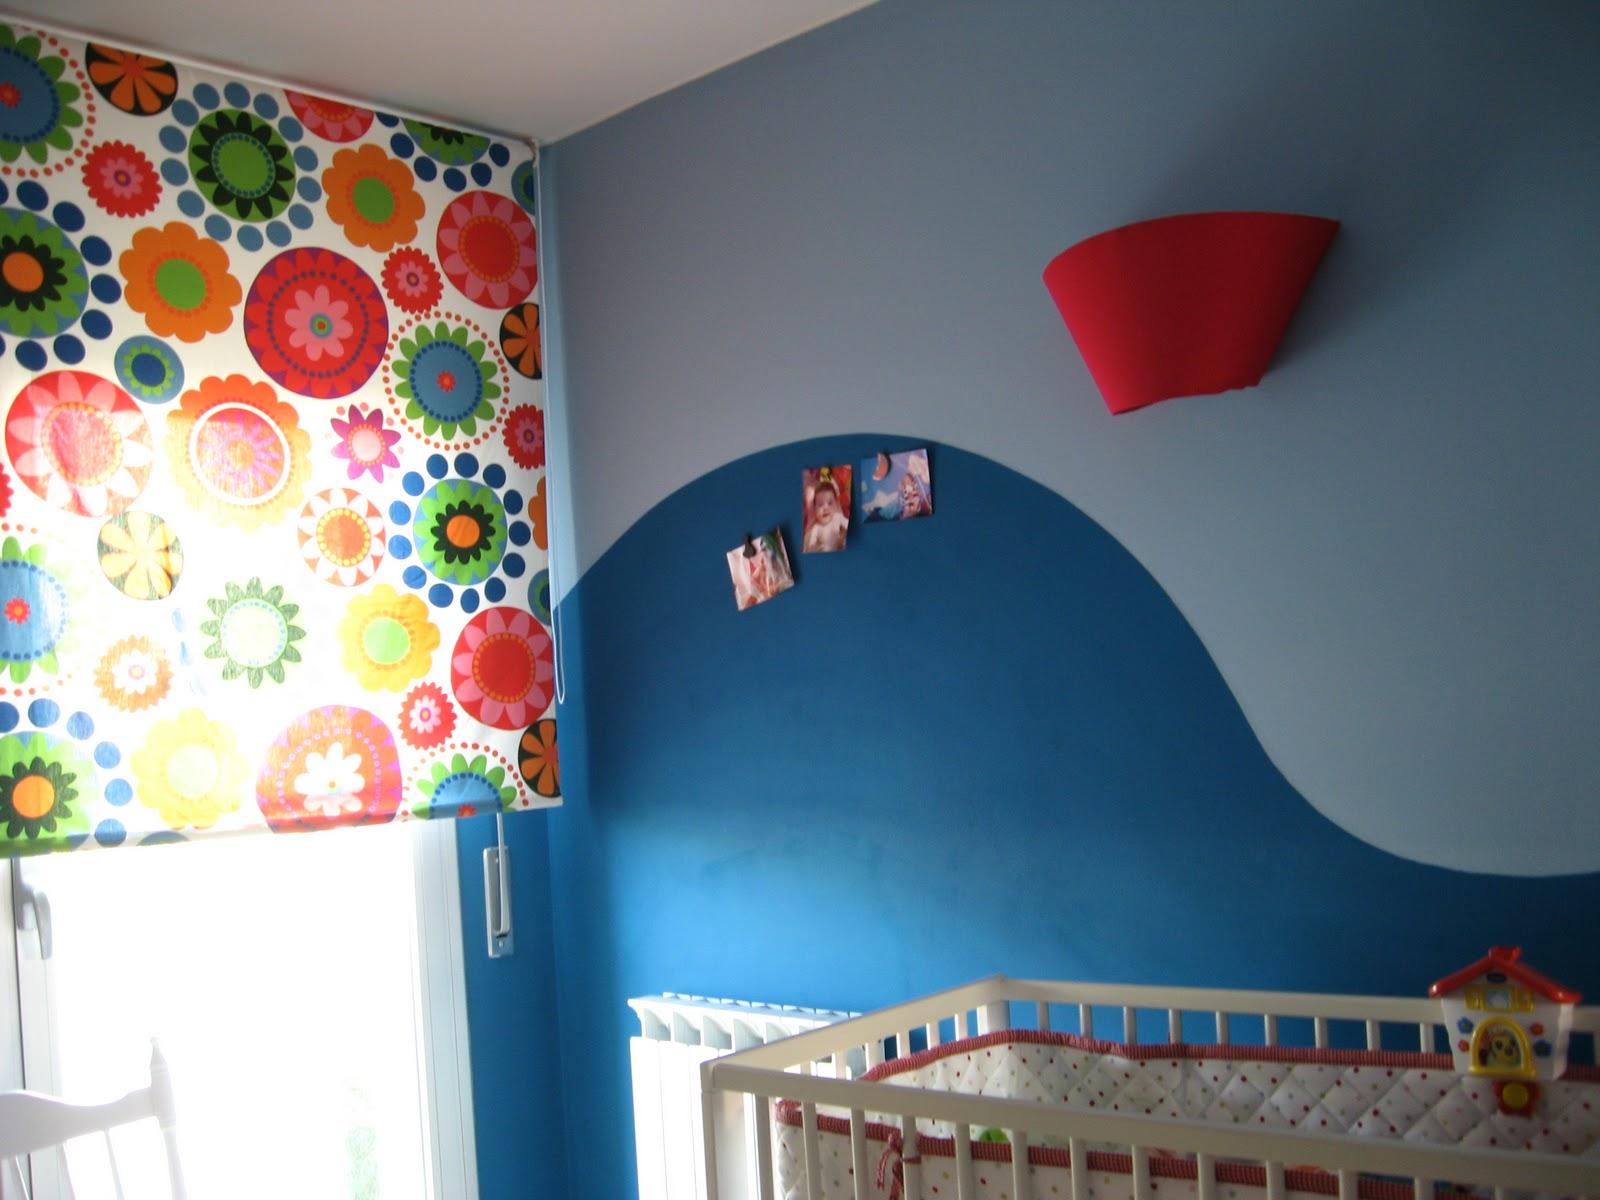 Molto La forma delle nuvole: Decorare la cameretta dei bambini con  GD86